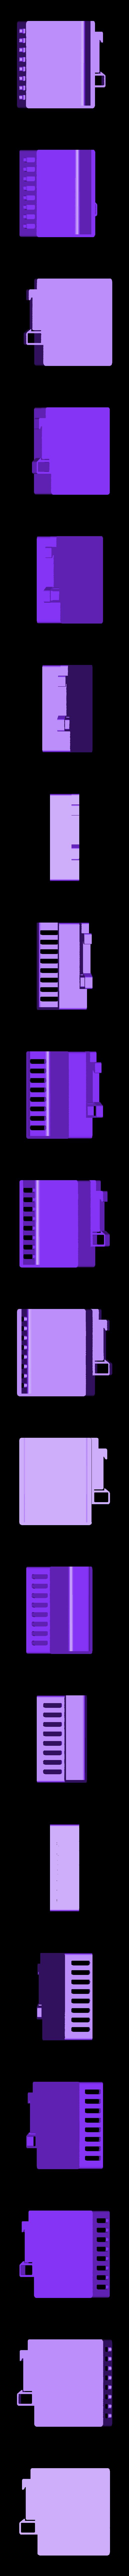 RPiWM_Anker.stl Télécharger fichier STL gratuit Kit de fixation murale Raspberry Pi • Objet pour impression 3D, nullgel